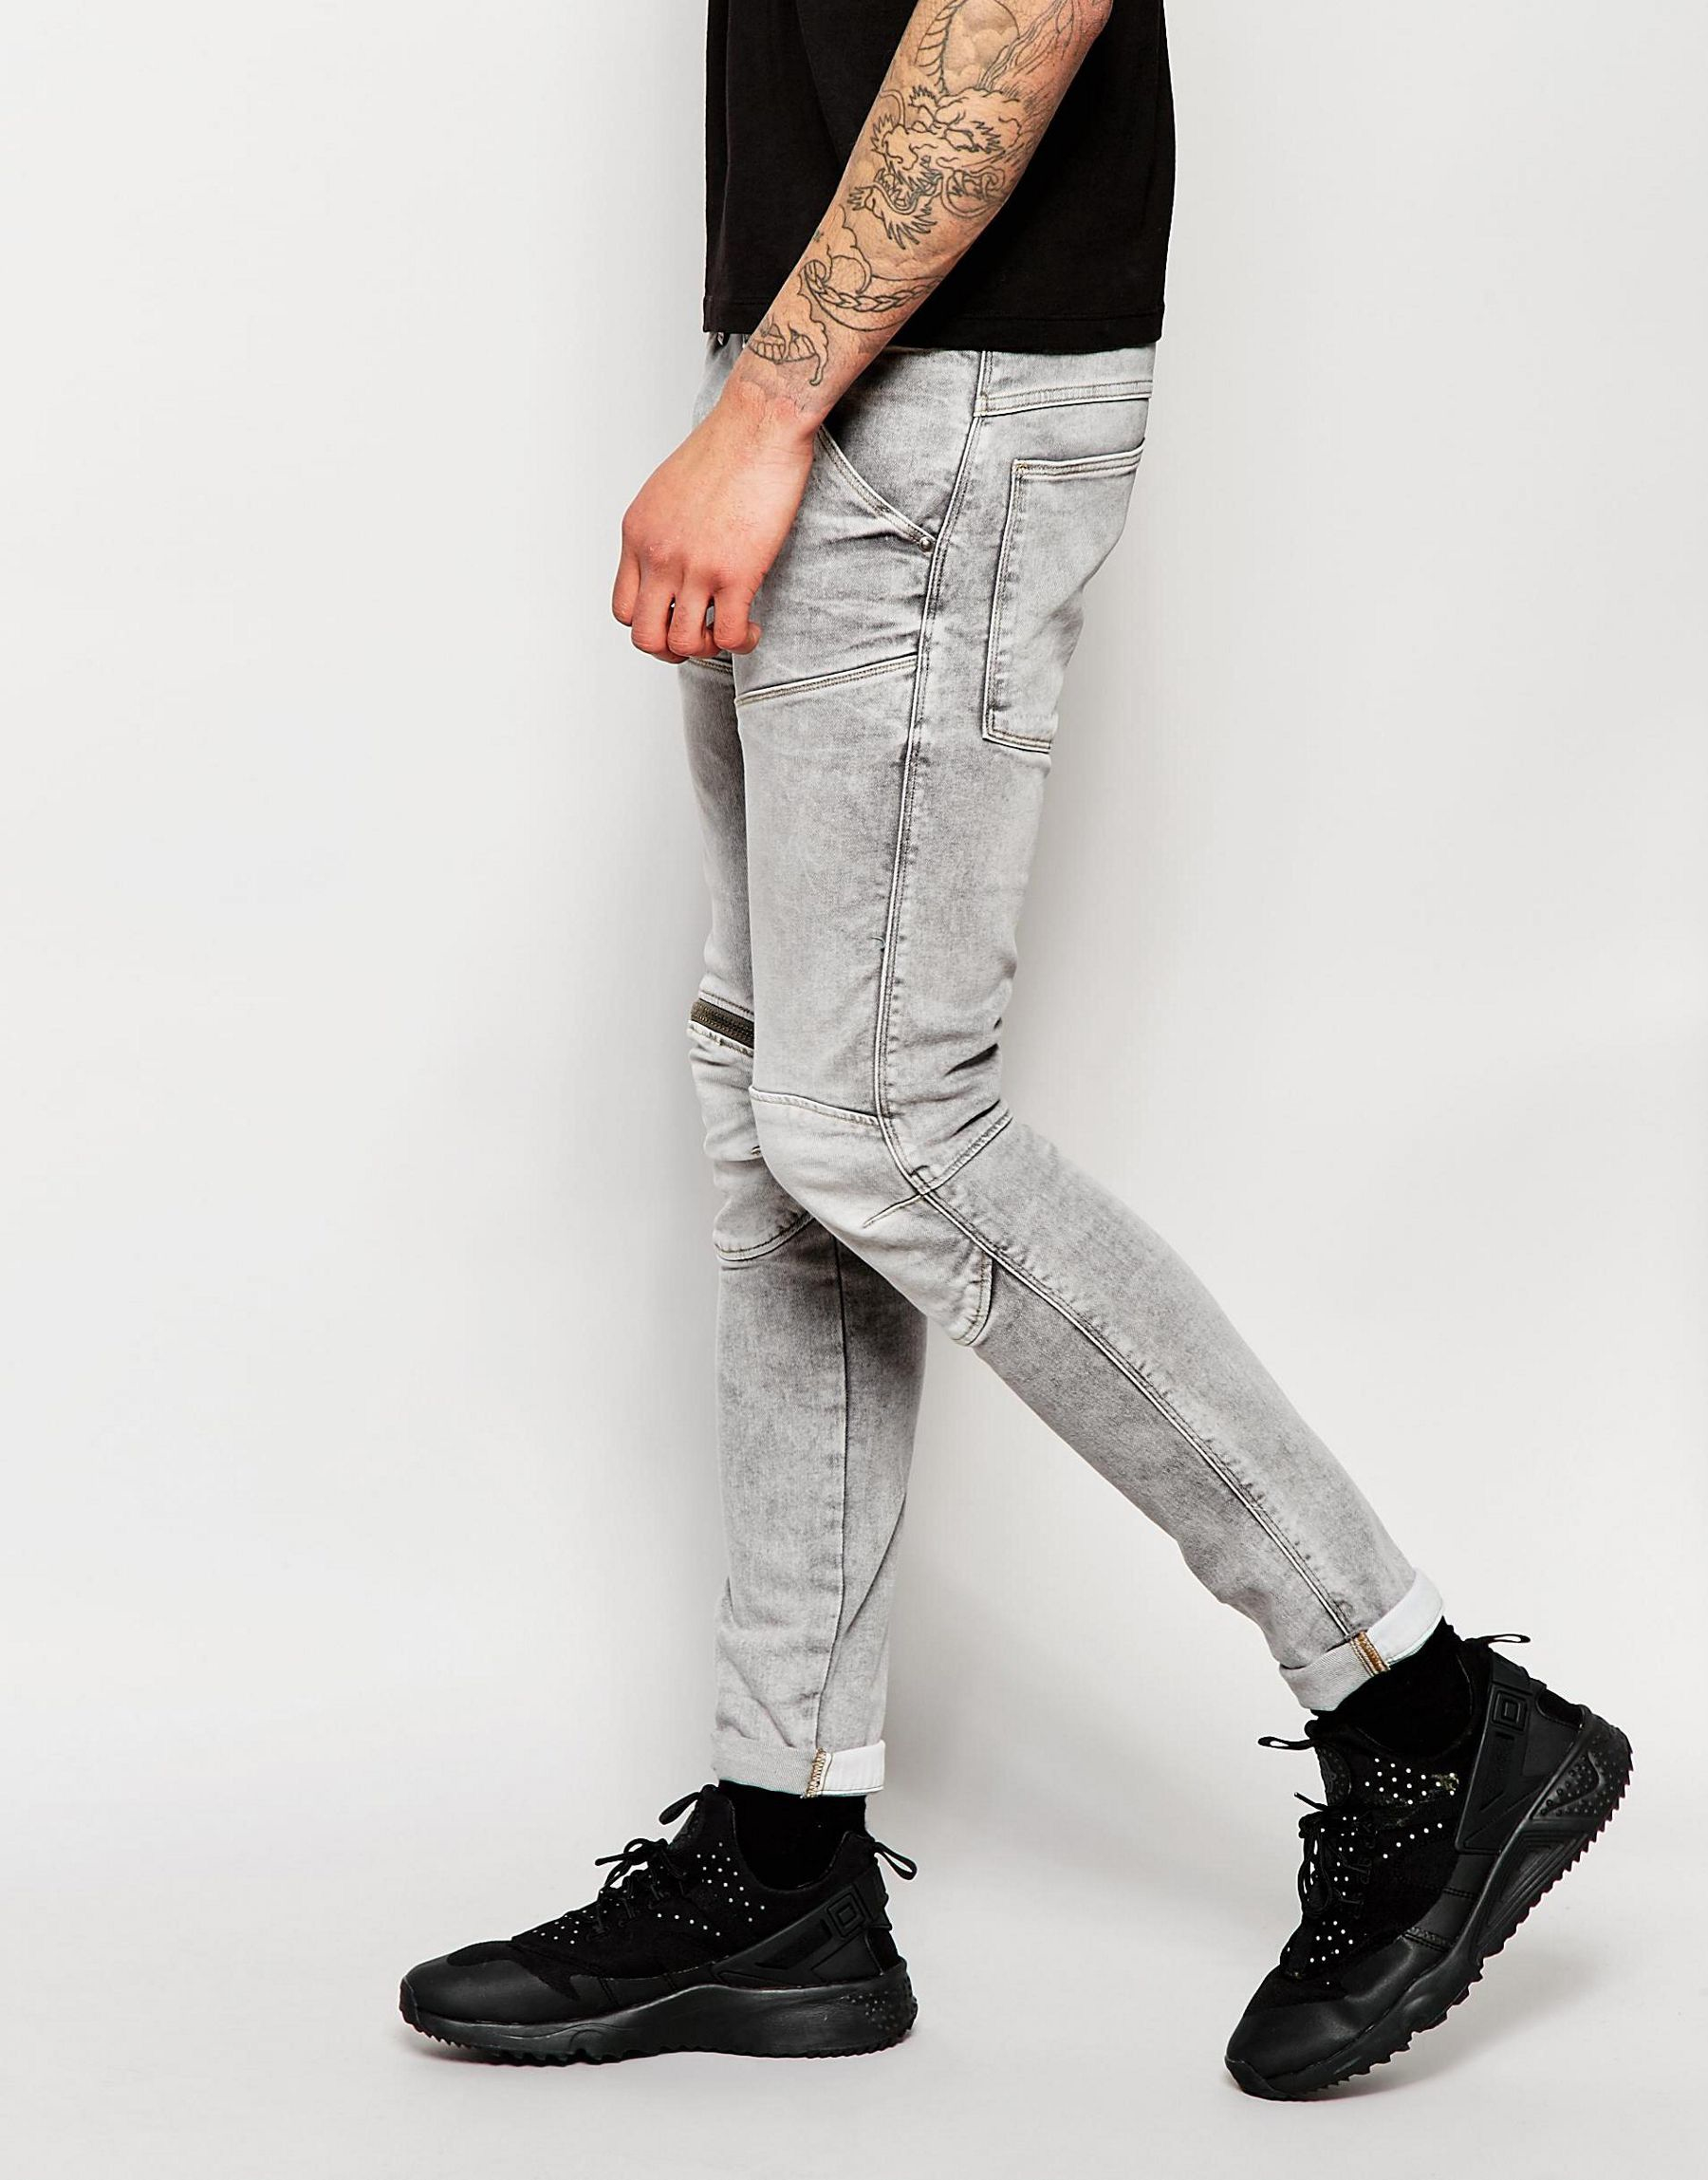 606cff86b3d G-Star RAW Jeans Elwood 5620 3d Zip Knee Super Slim Stretch Light ...